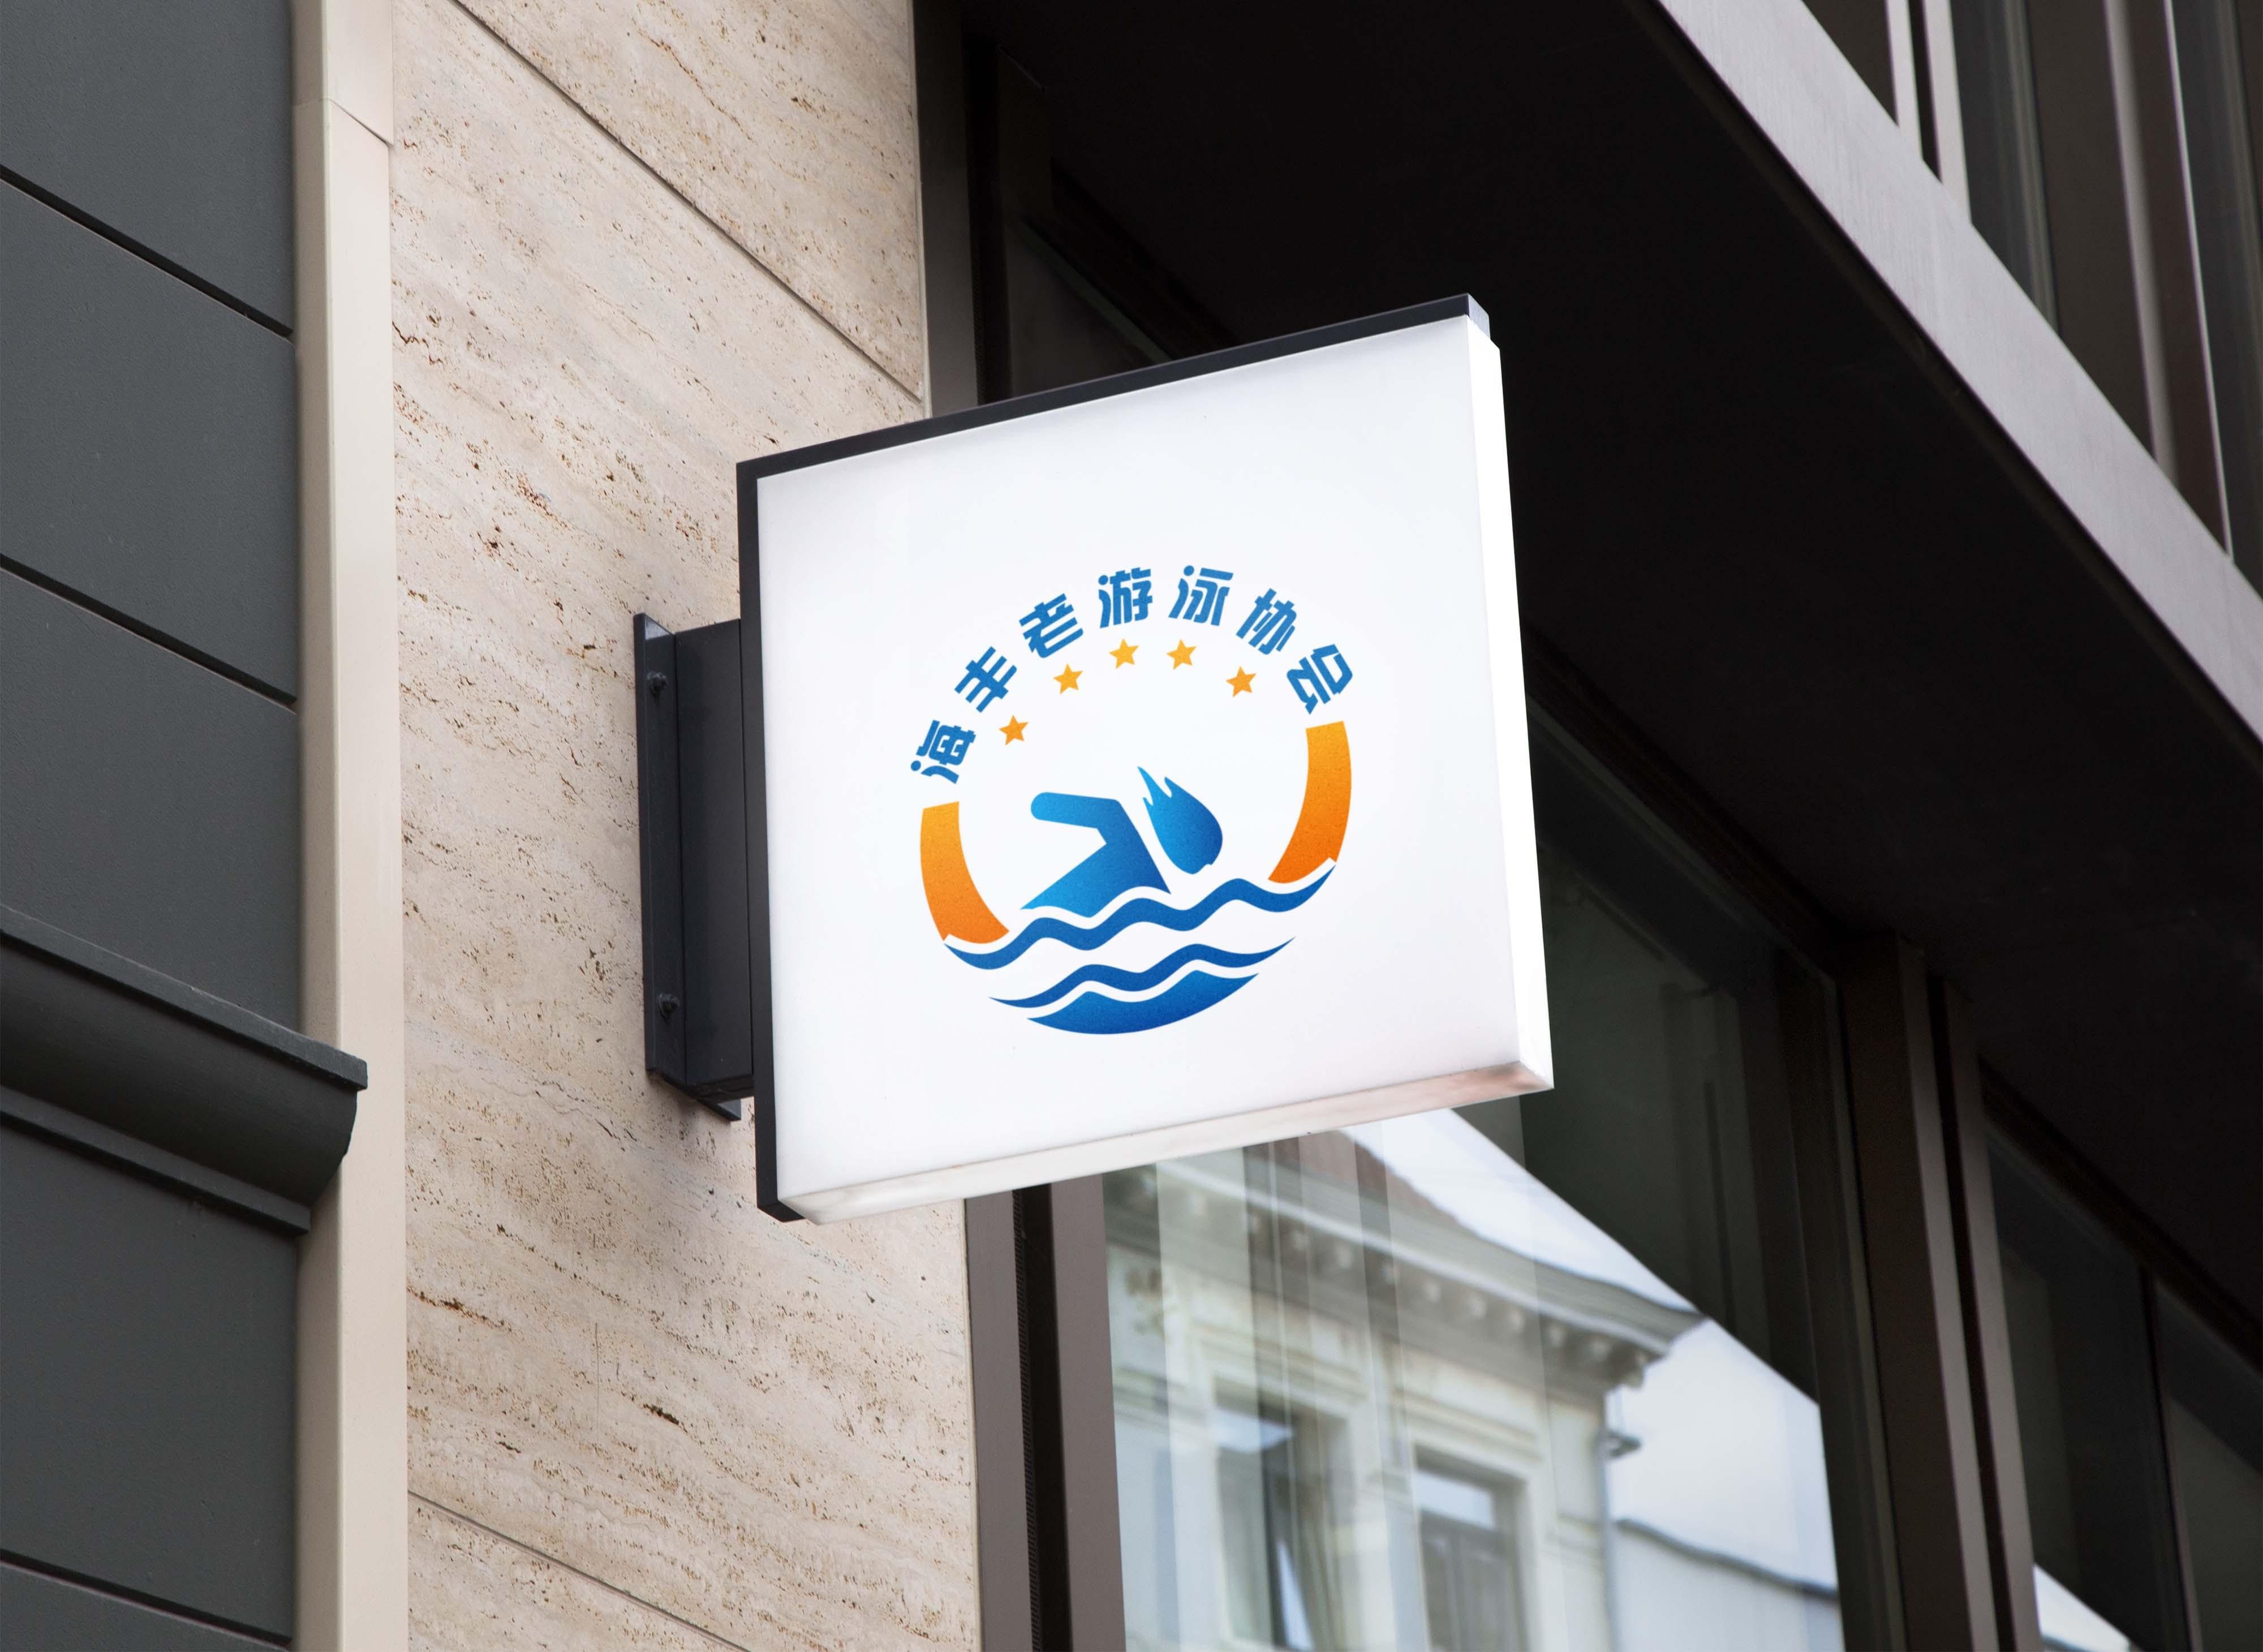 海丰老游泳协会logo设计_3025949_k68威客网